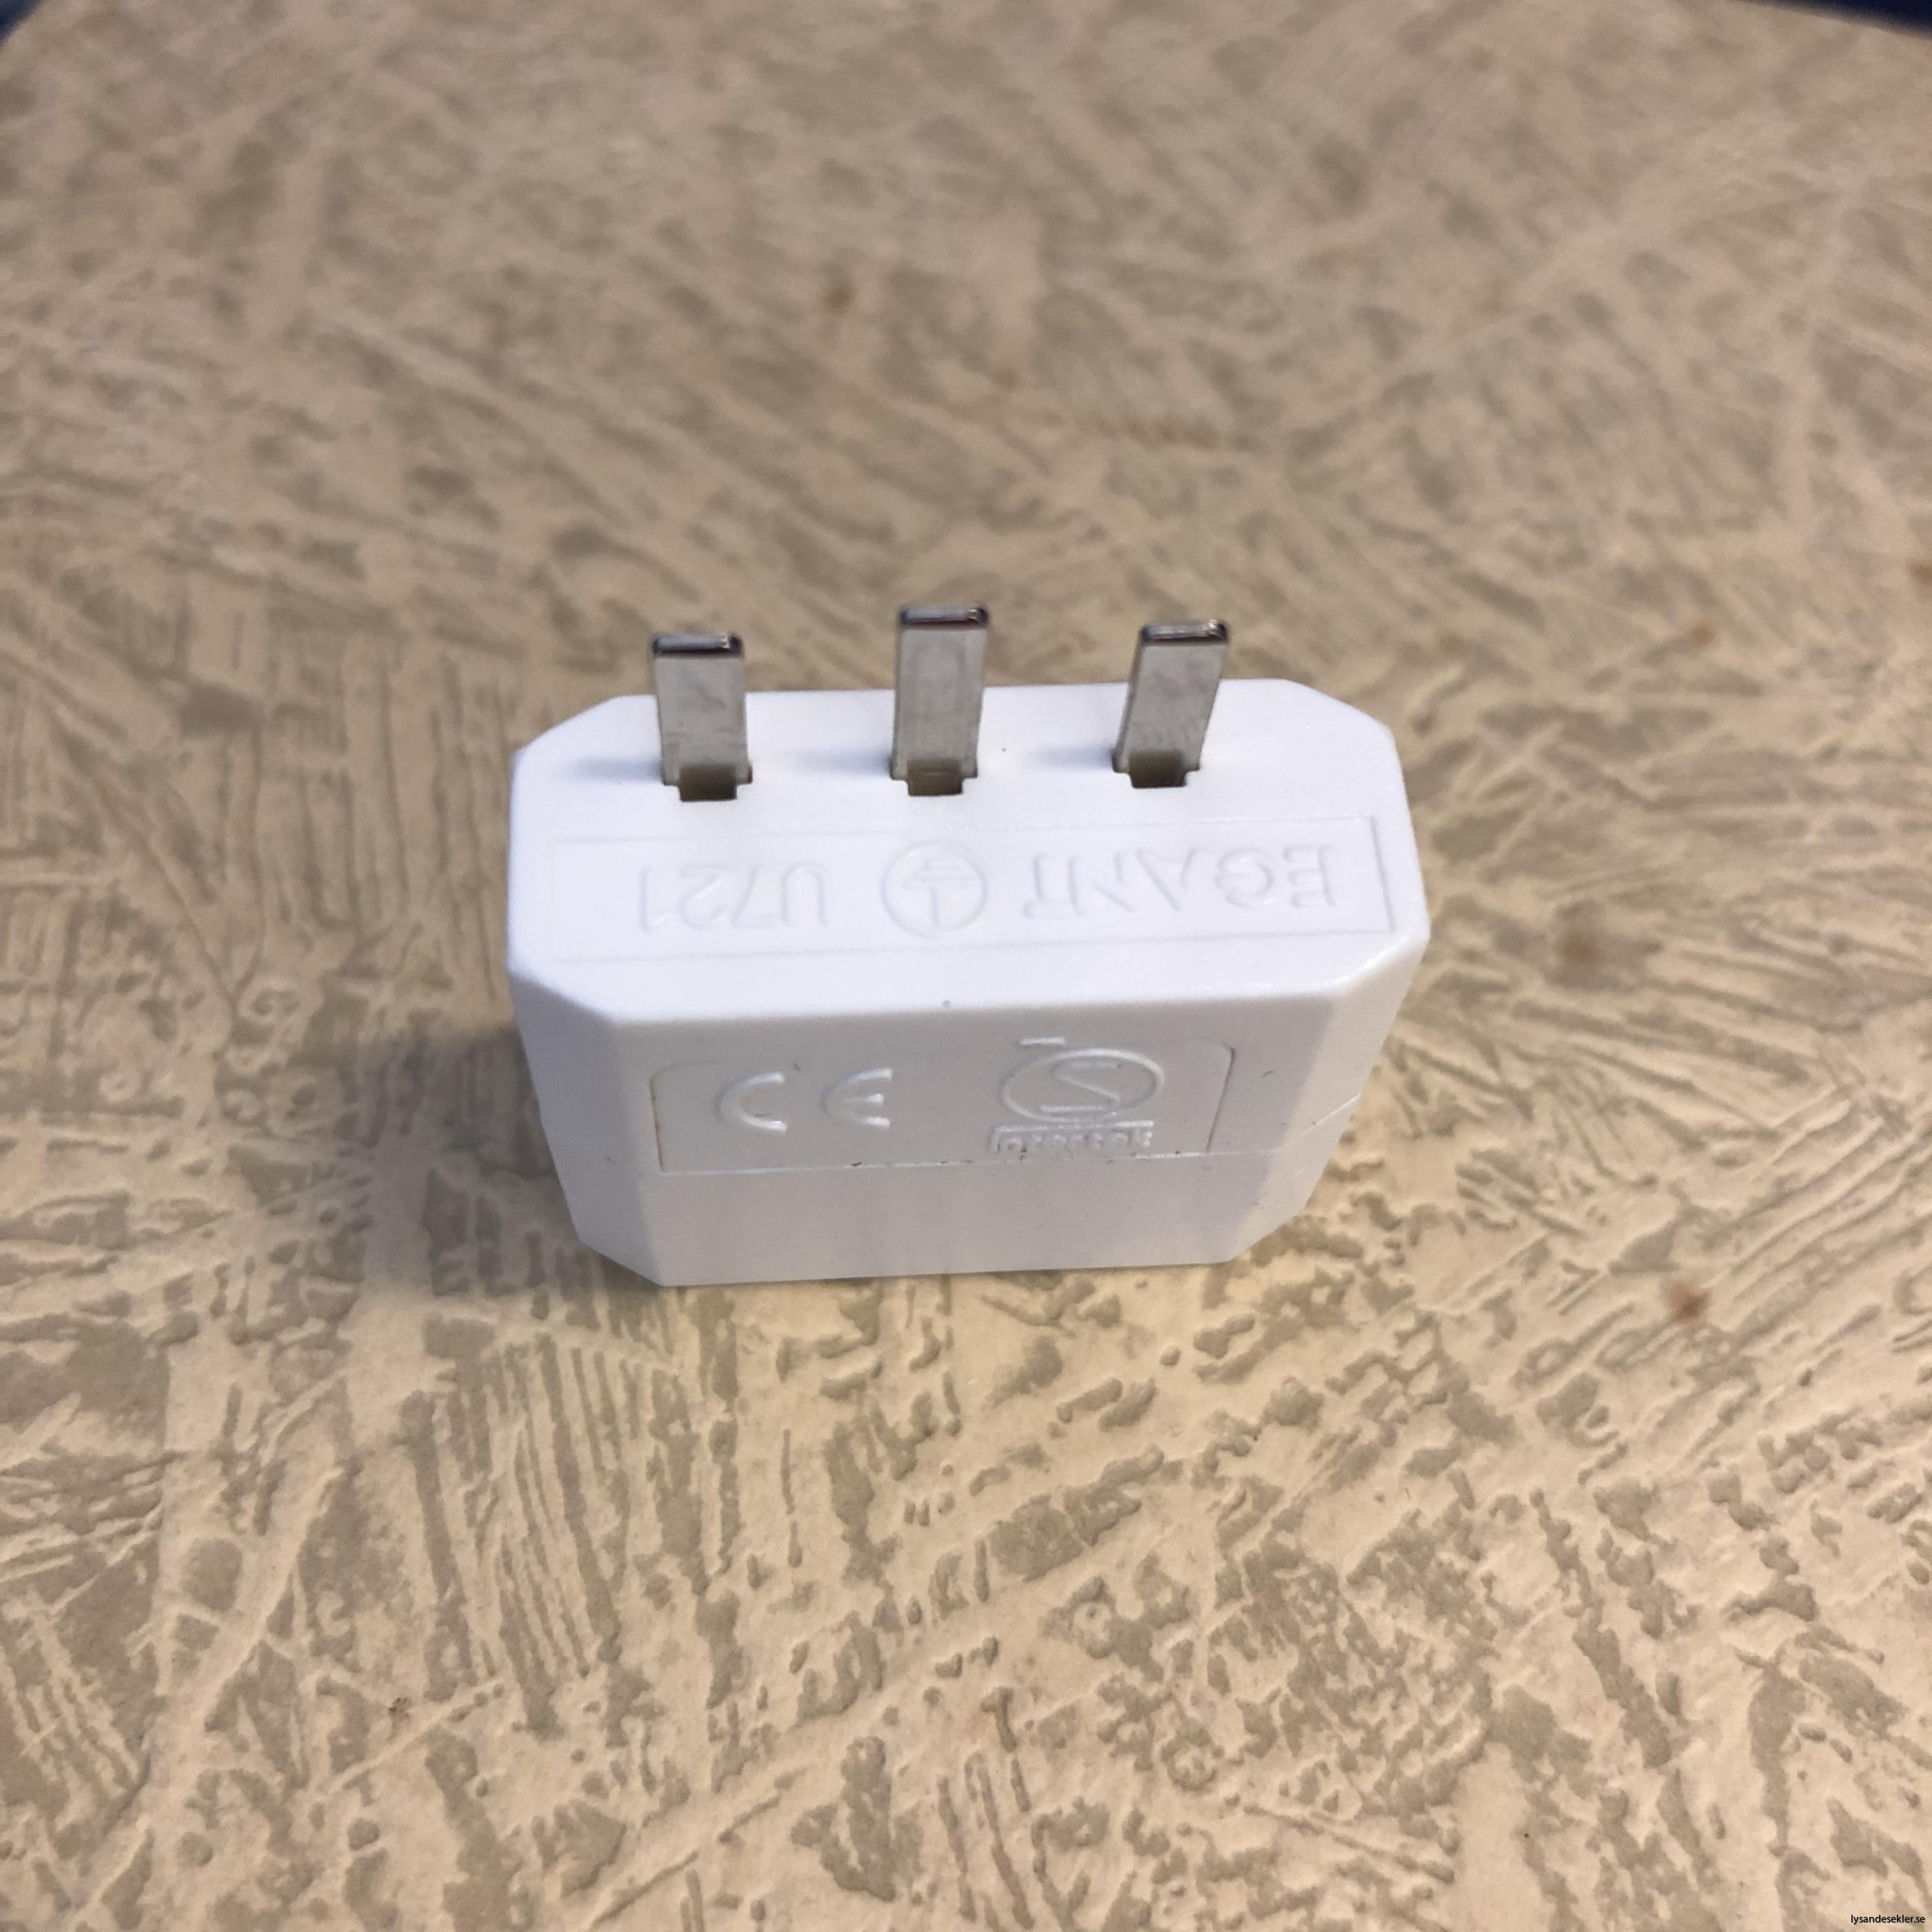 DCL kontakt dcl-kontakt för tak lampa4